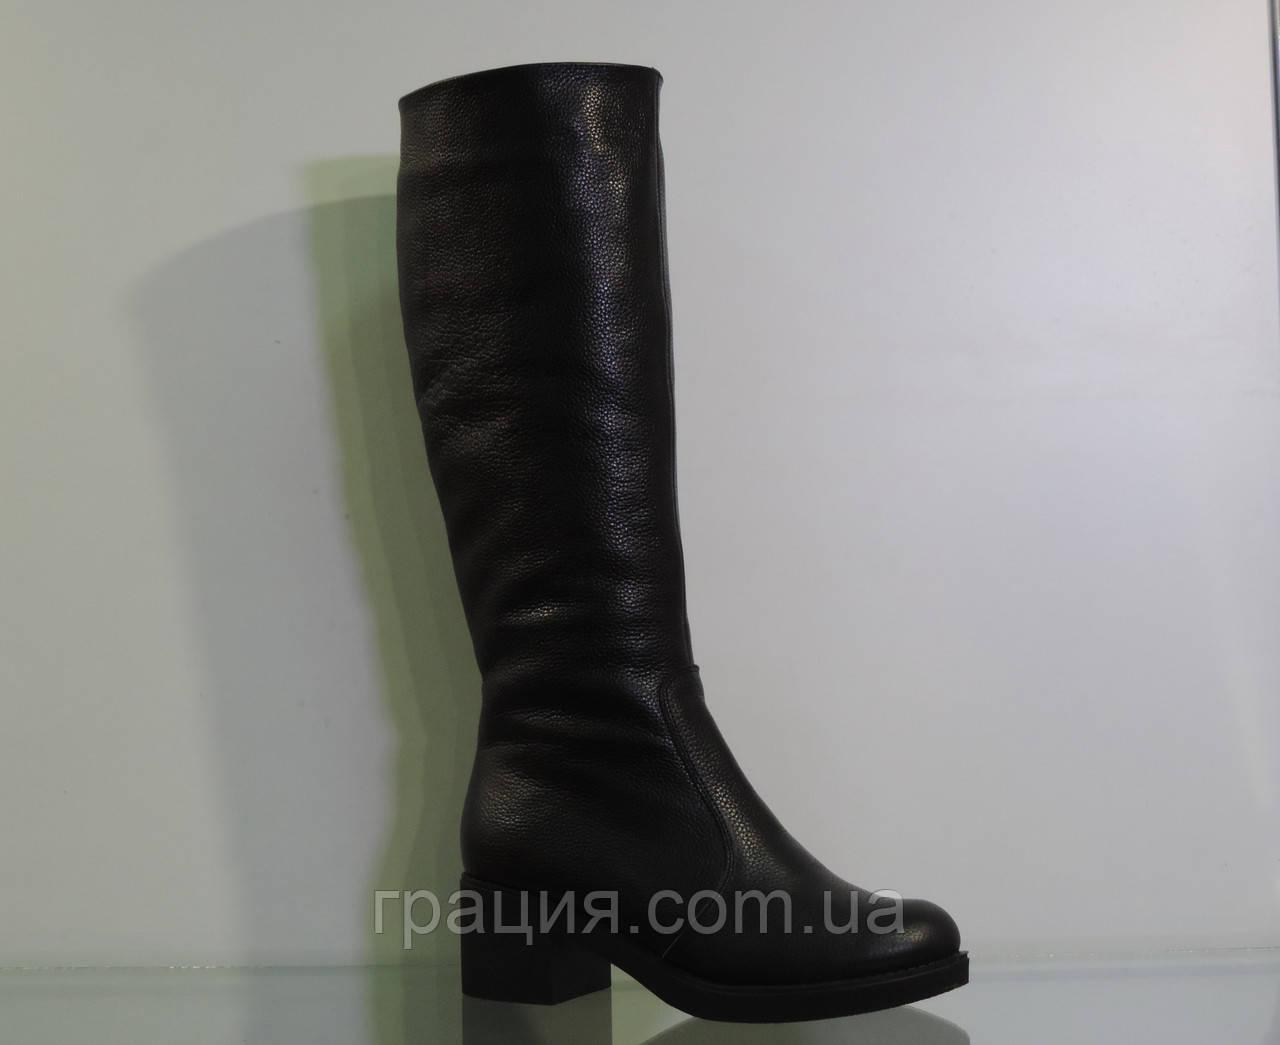 Модные кожаные зимние сапожки на среднем каблуке